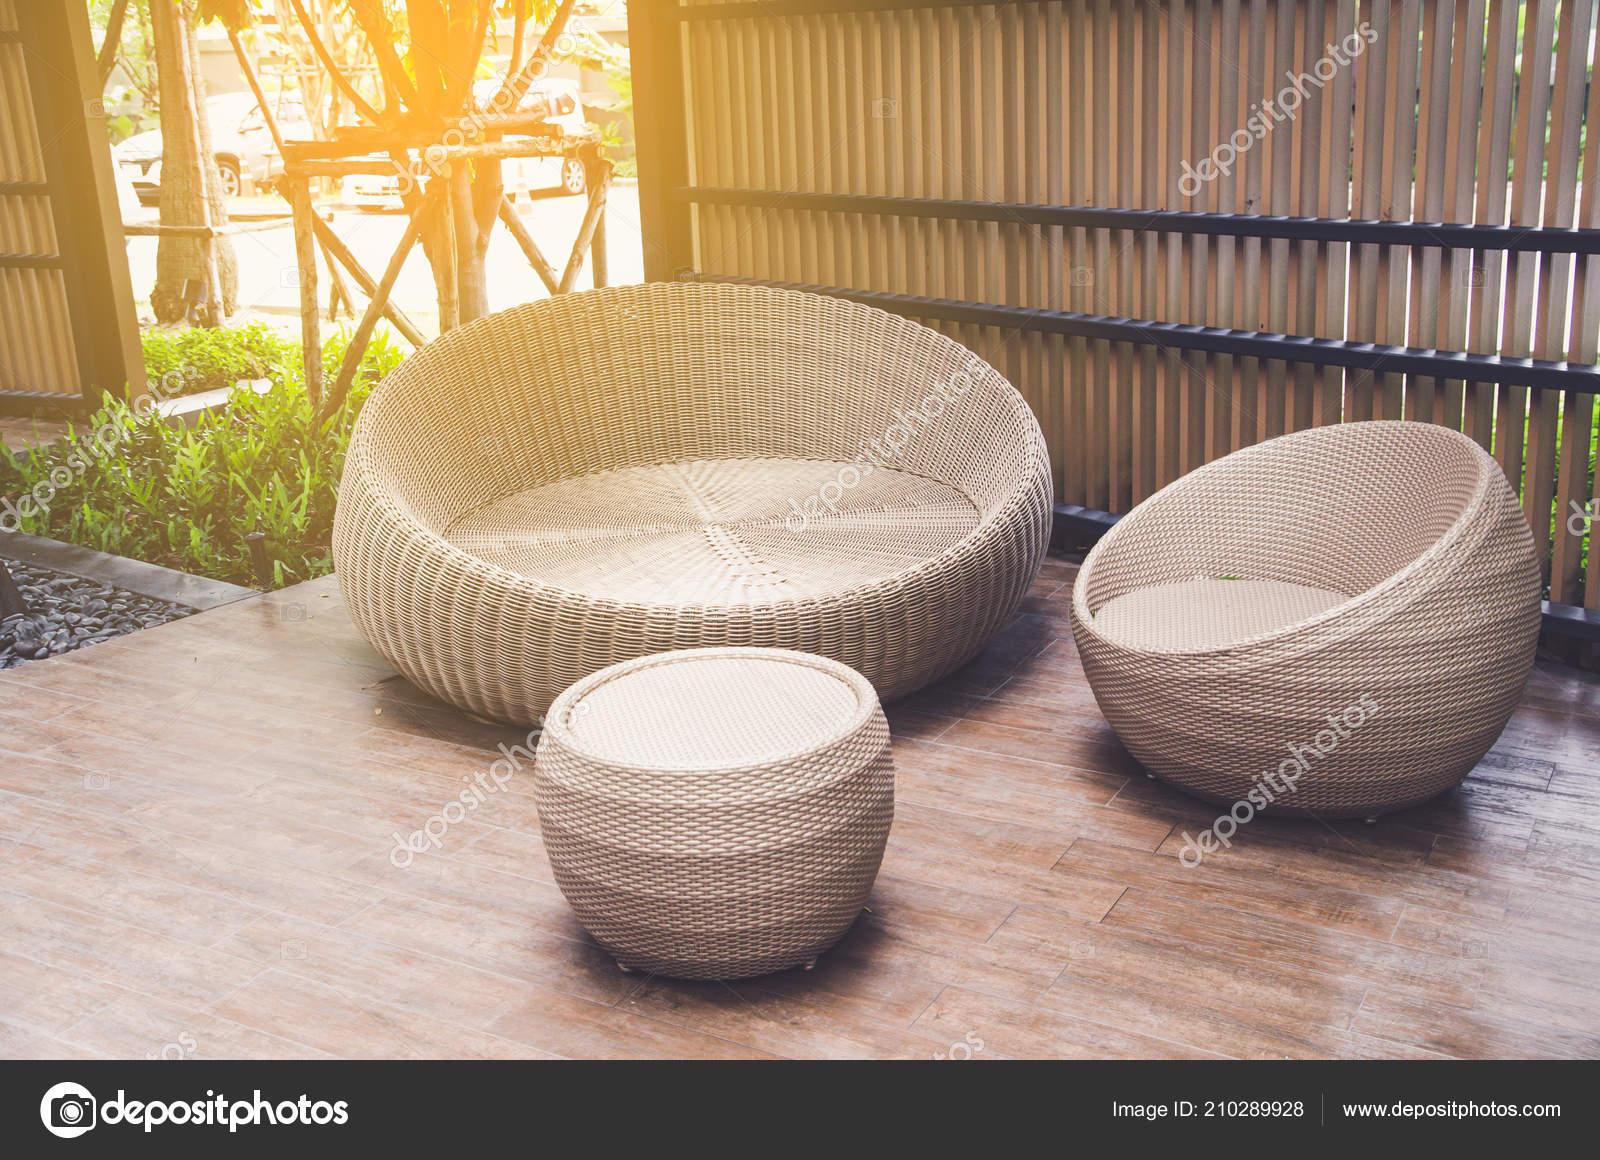 Sillones Mimbre Aire Libre Muebles Mesa Terraza Foto De